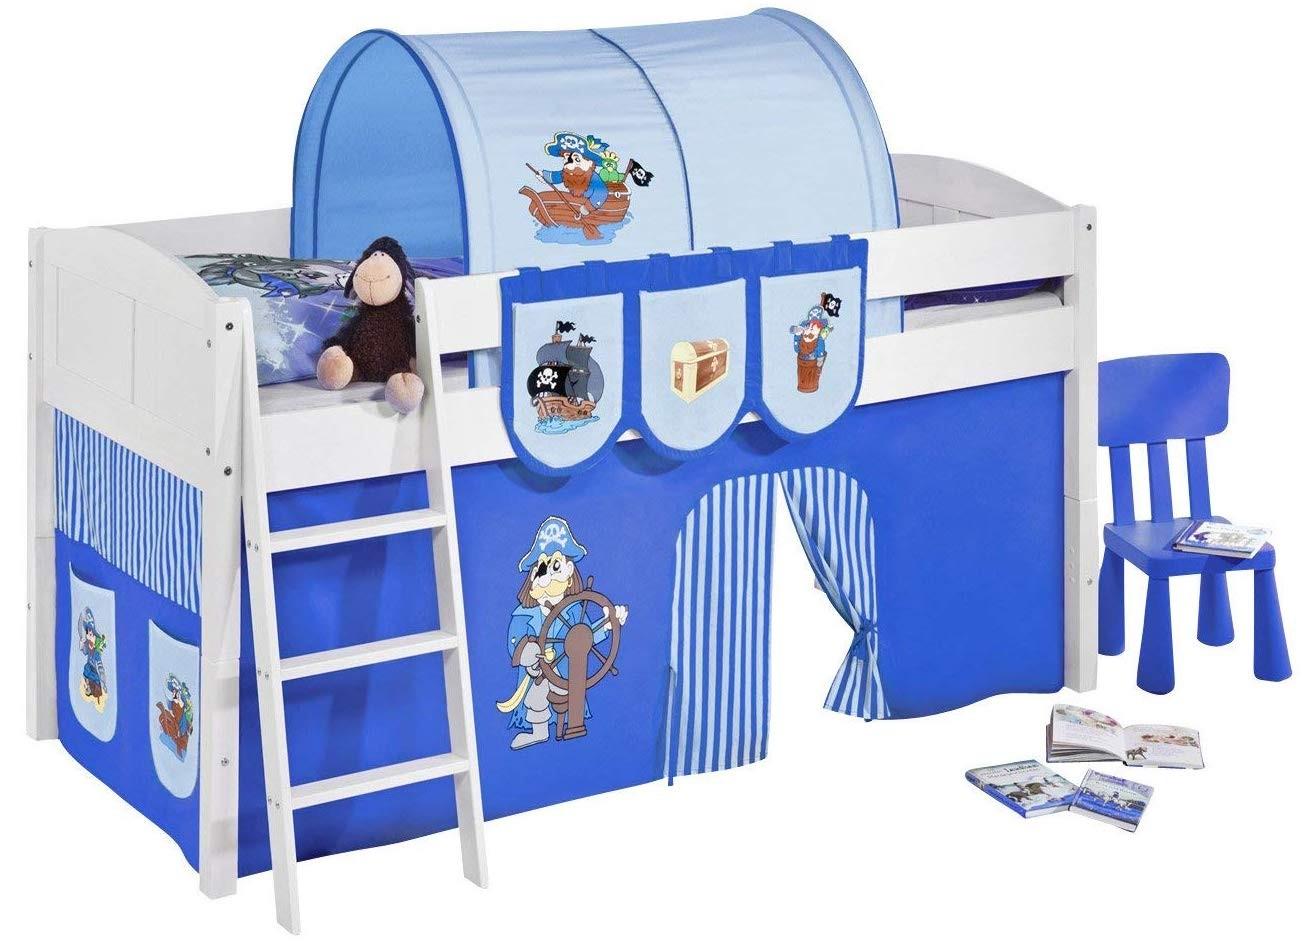 lit sur lev blanc rideau bleu pirate 90x200cm sommier sans sommier sans matelas tunnel sans. Black Bedroom Furniture Sets. Home Design Ideas